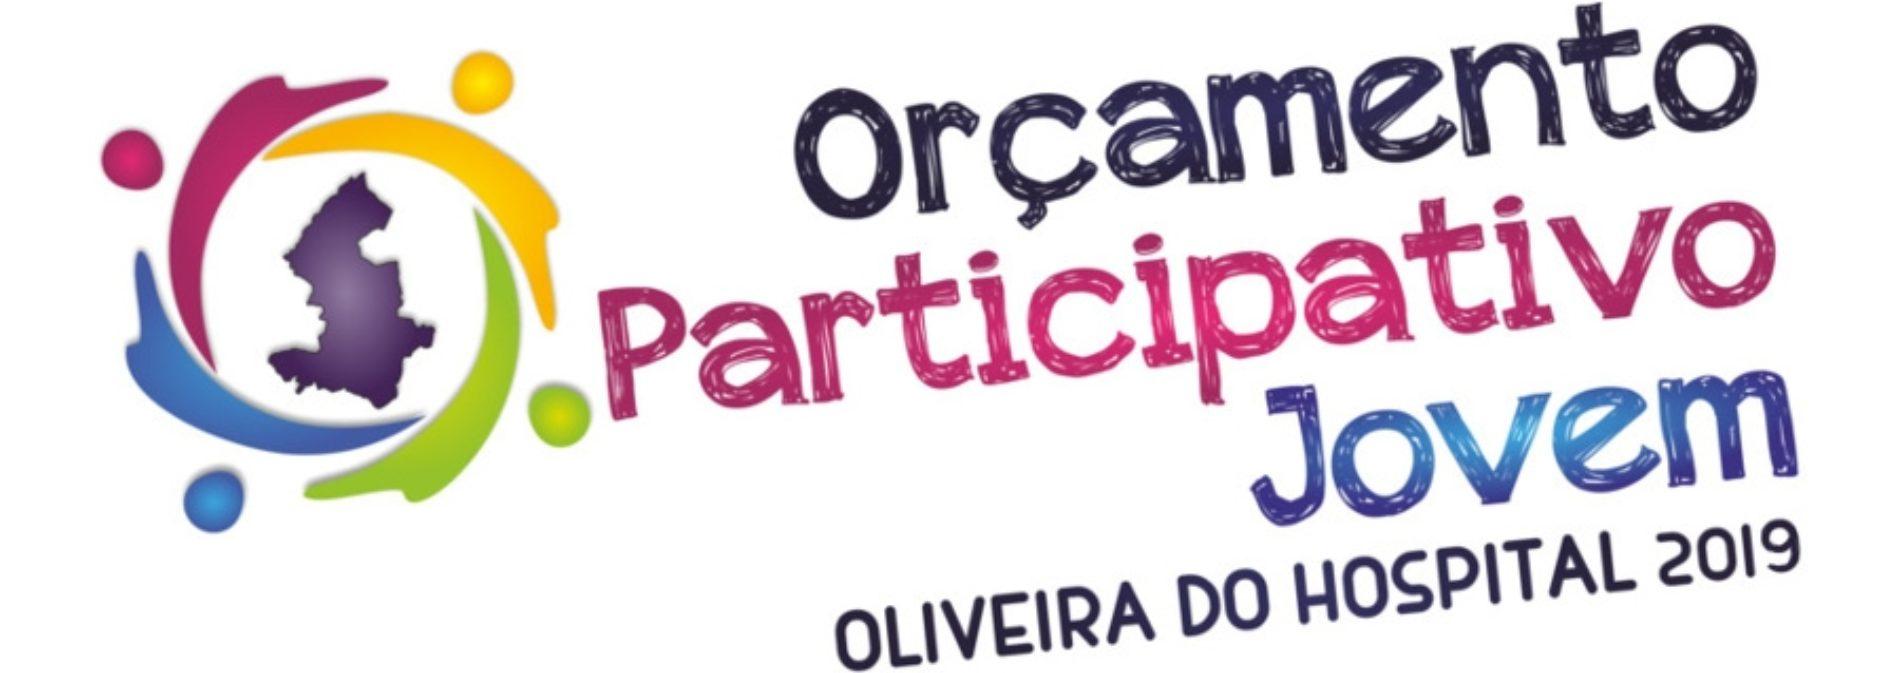 Clube de Ginástica de Oliveira do Hospital vence Orçamento Participativo Jovem